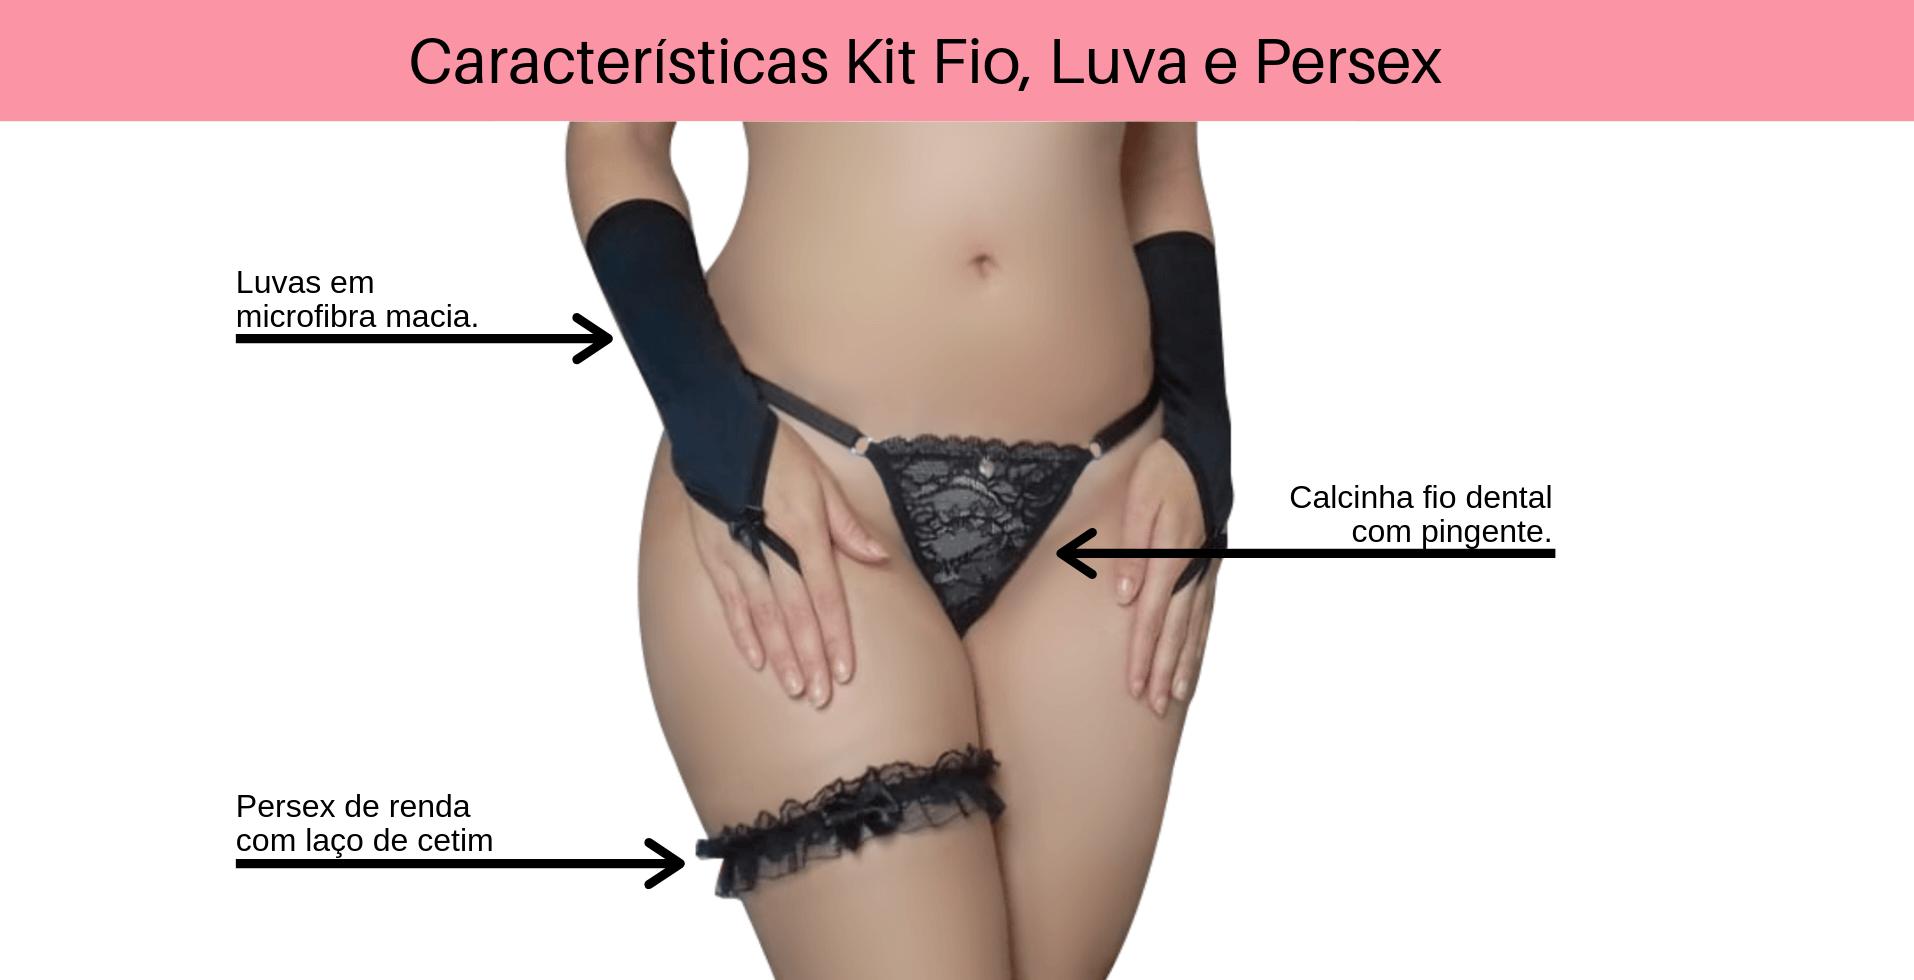 f0543e9cc7290 Kit-Calcinha-Fio-Dental-Luva-e-Persex